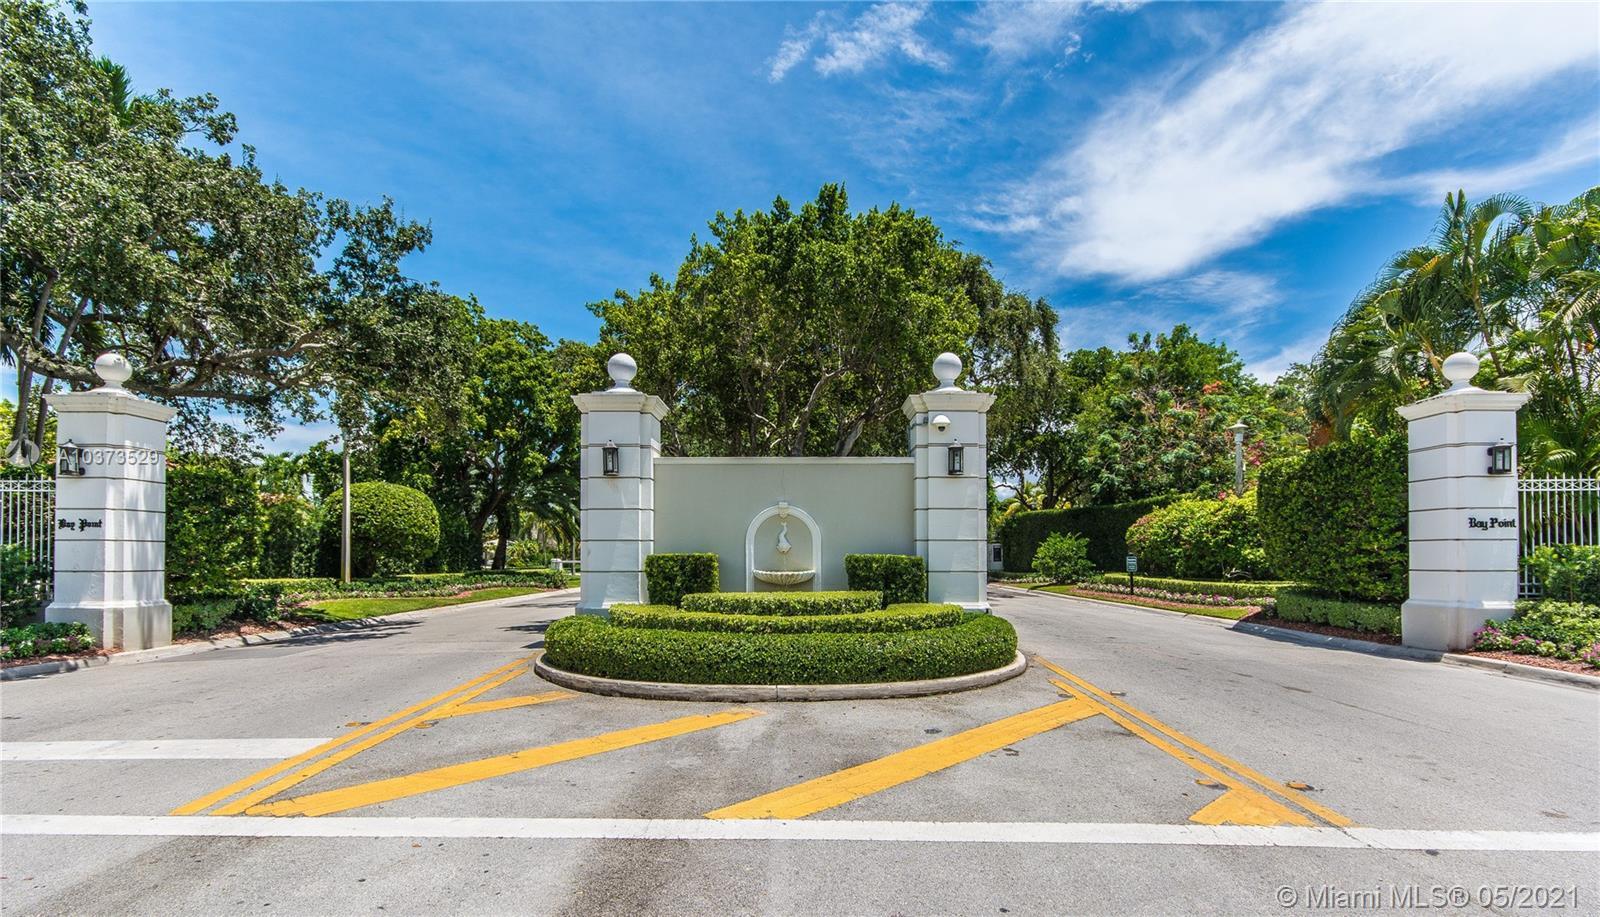 4445 Lake Rd Property Photo 1